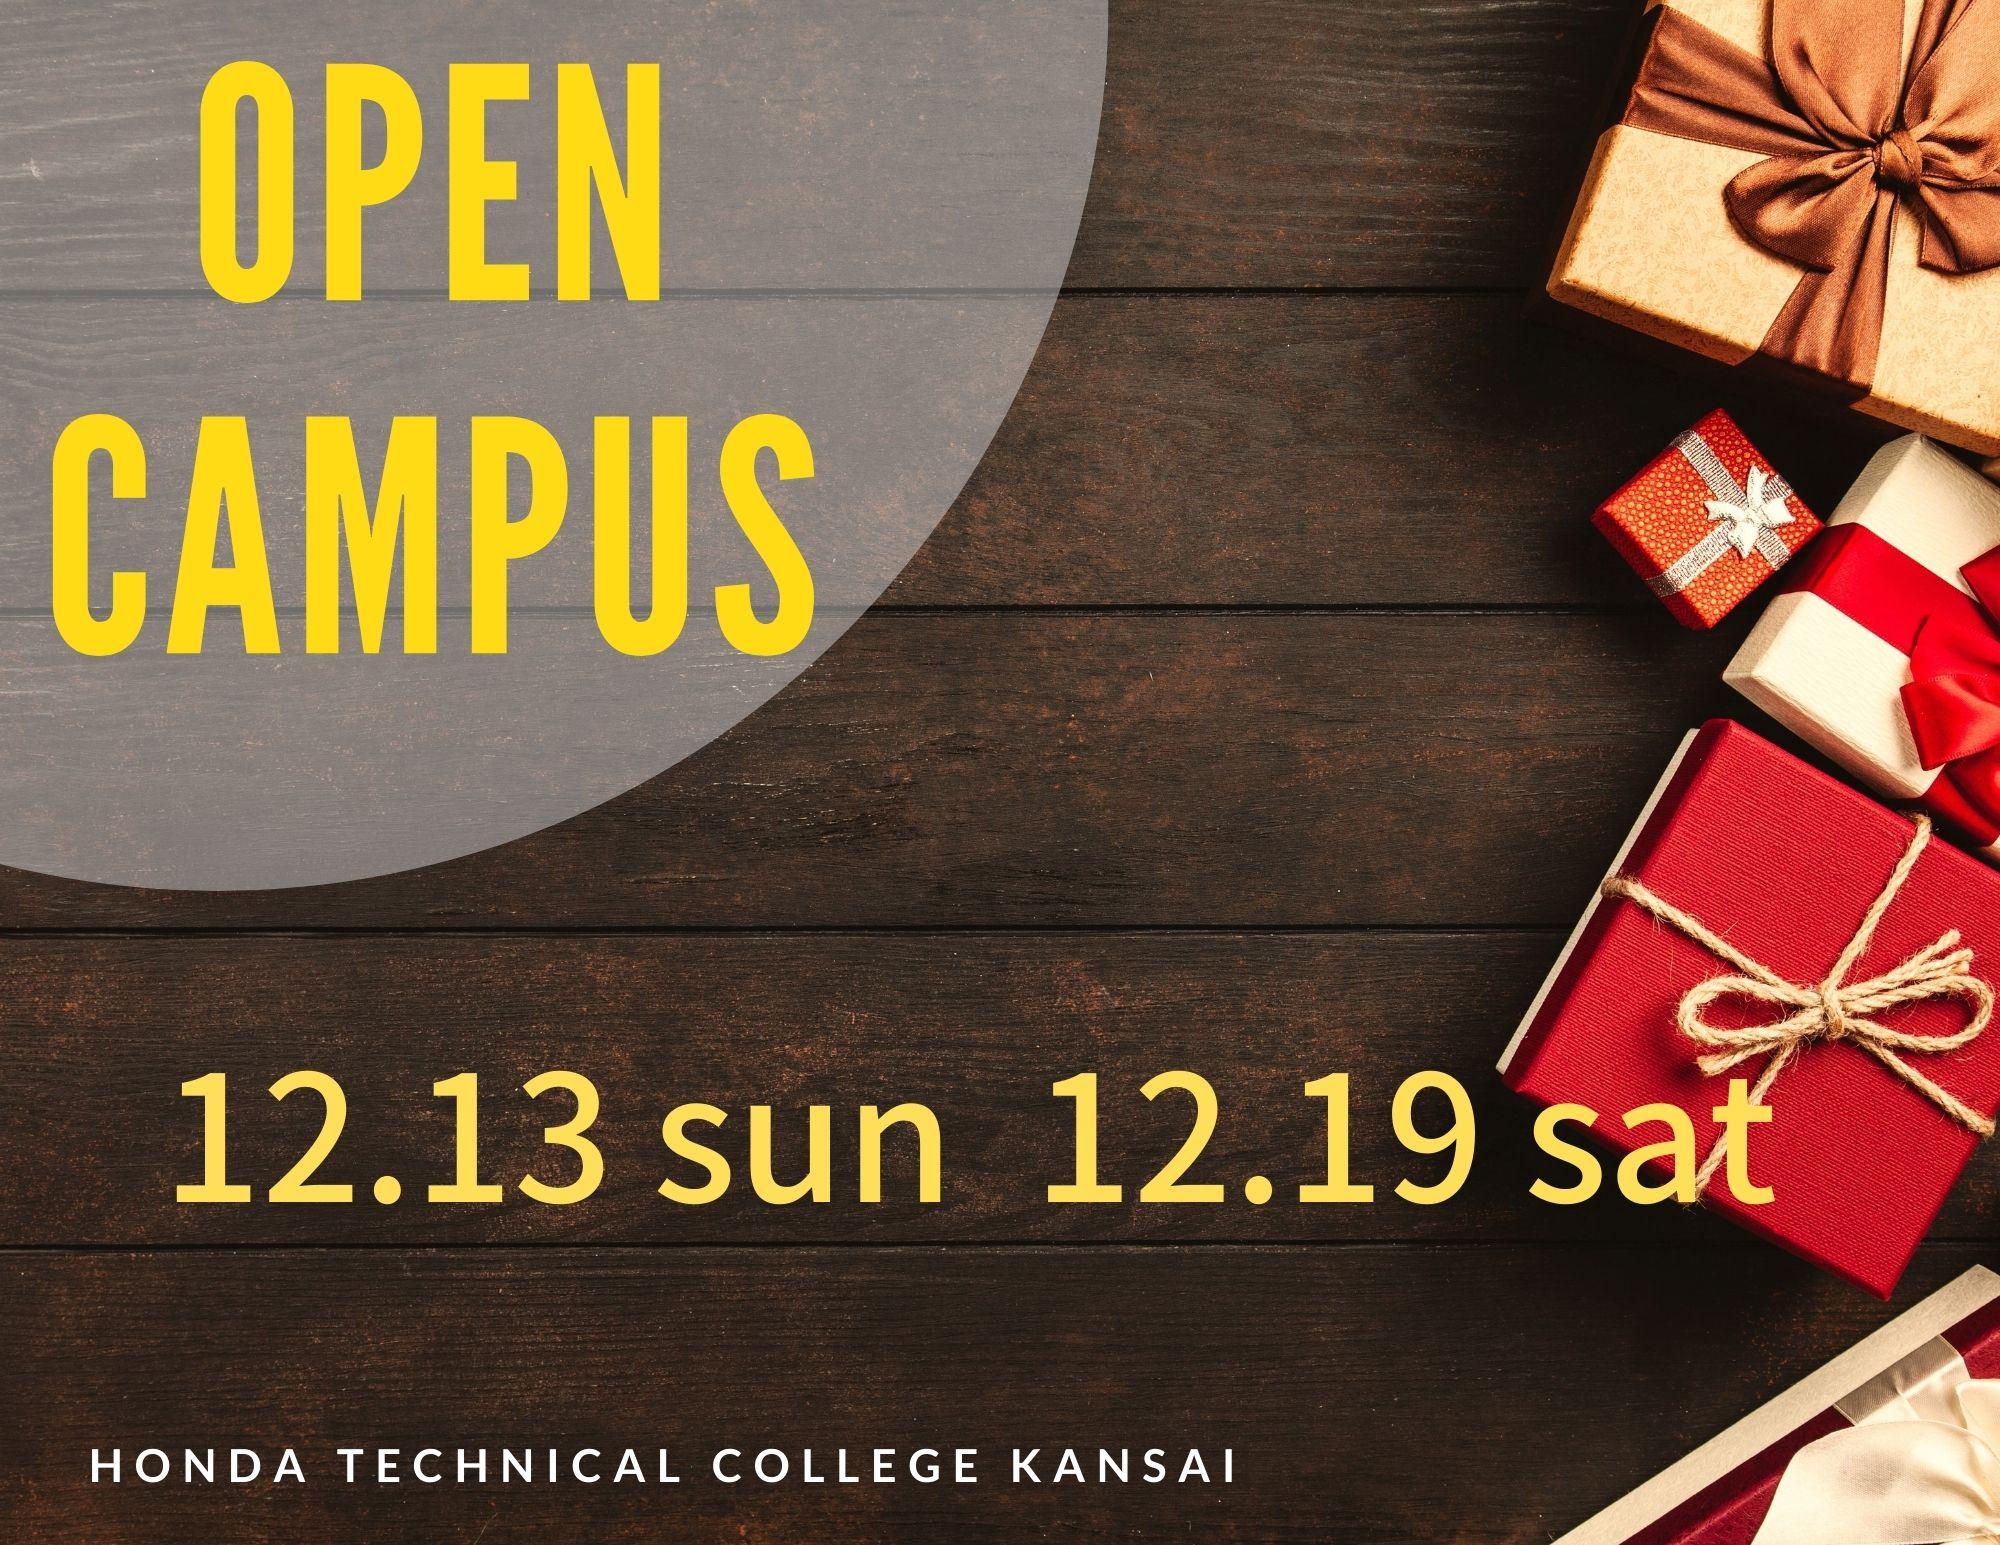 オープンキャンパス開催中!(コロナ感染対策をして)